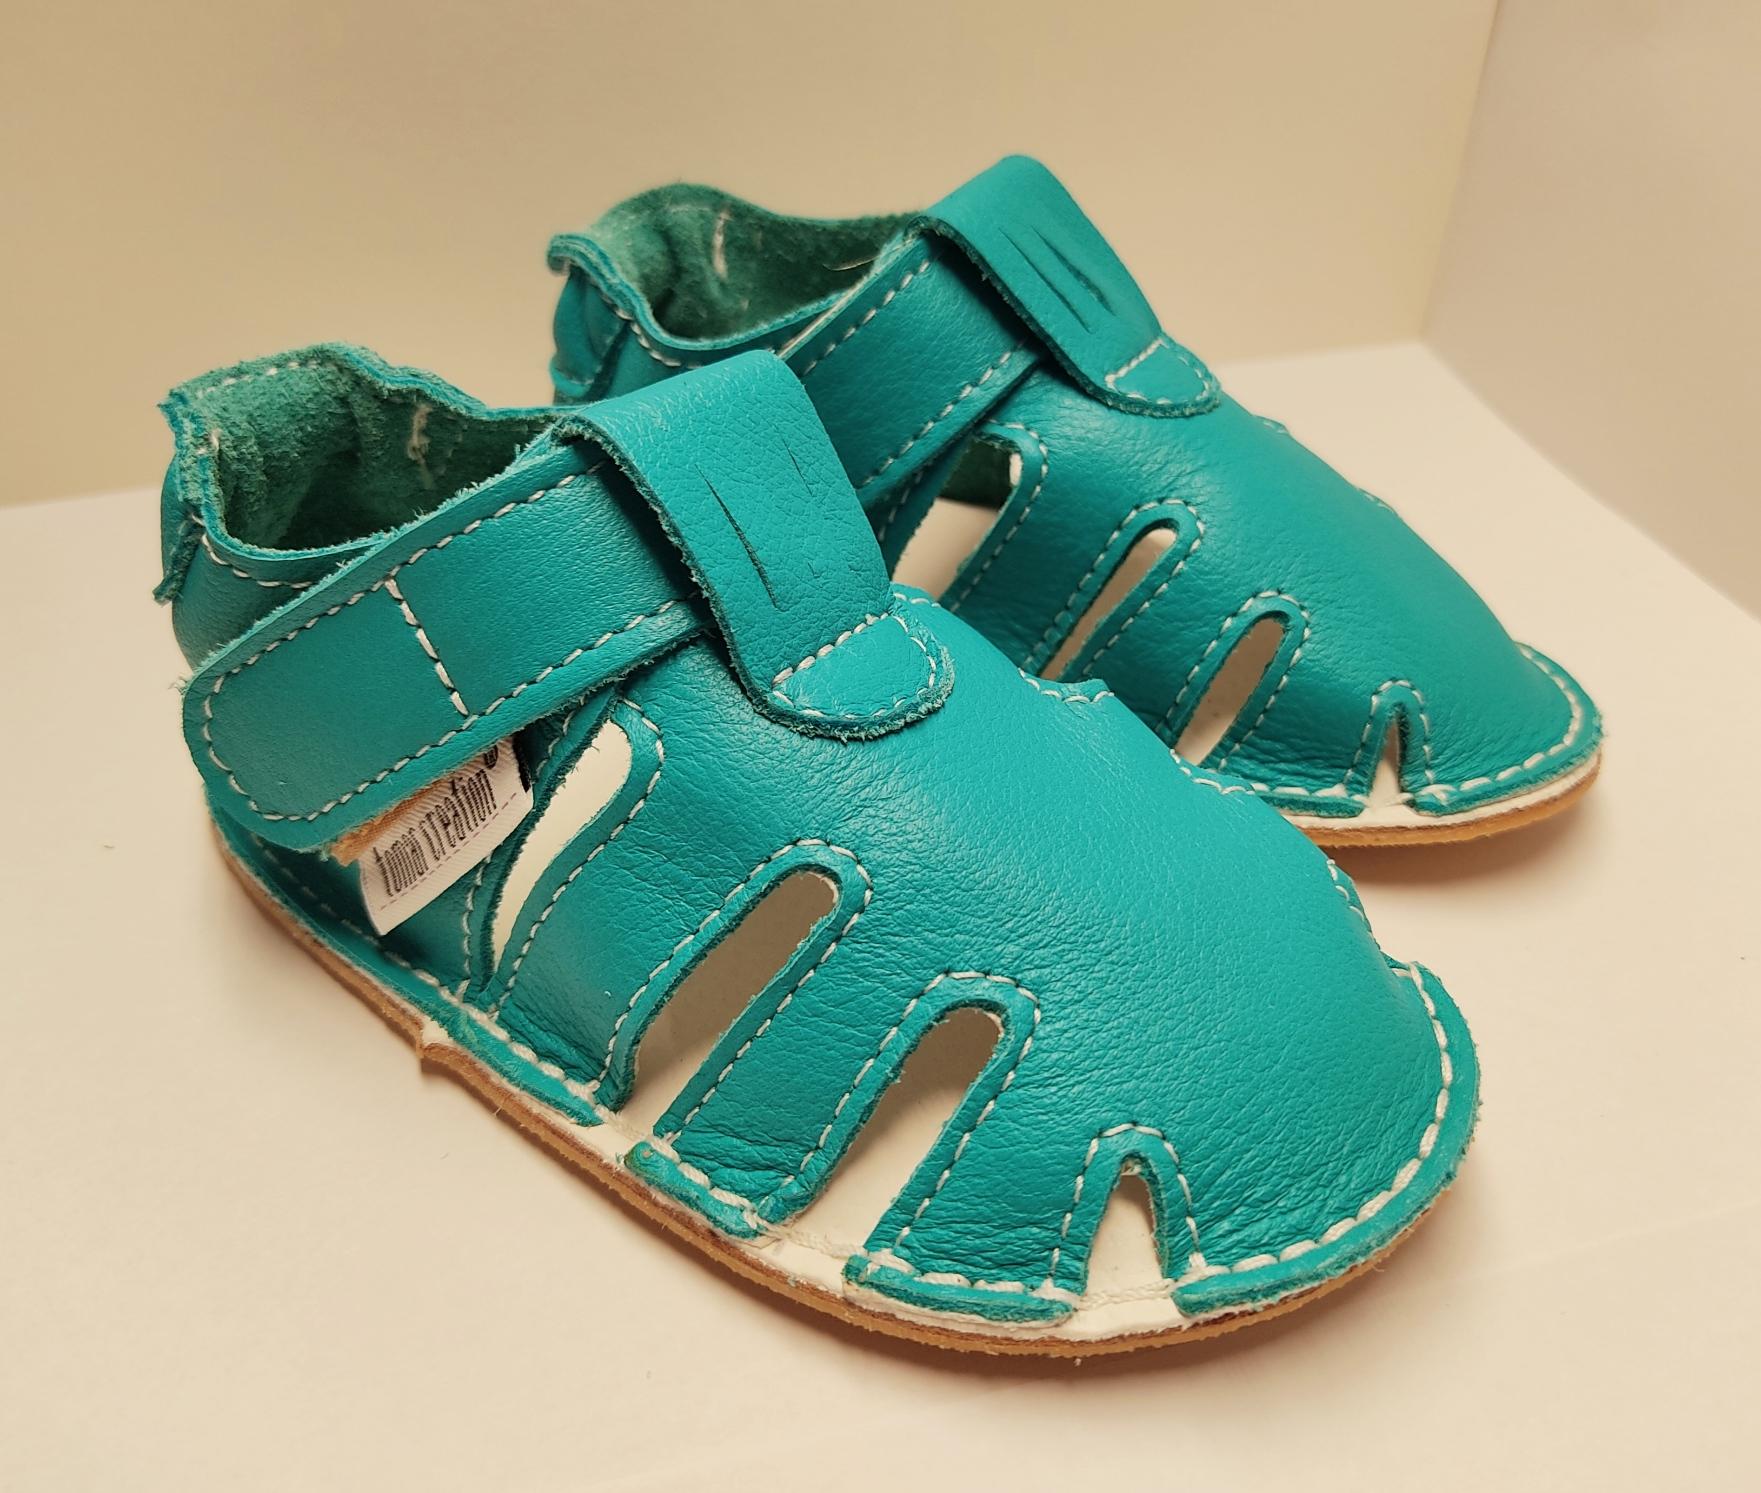 Sandales P\'tit scratch été - bleu turquoise